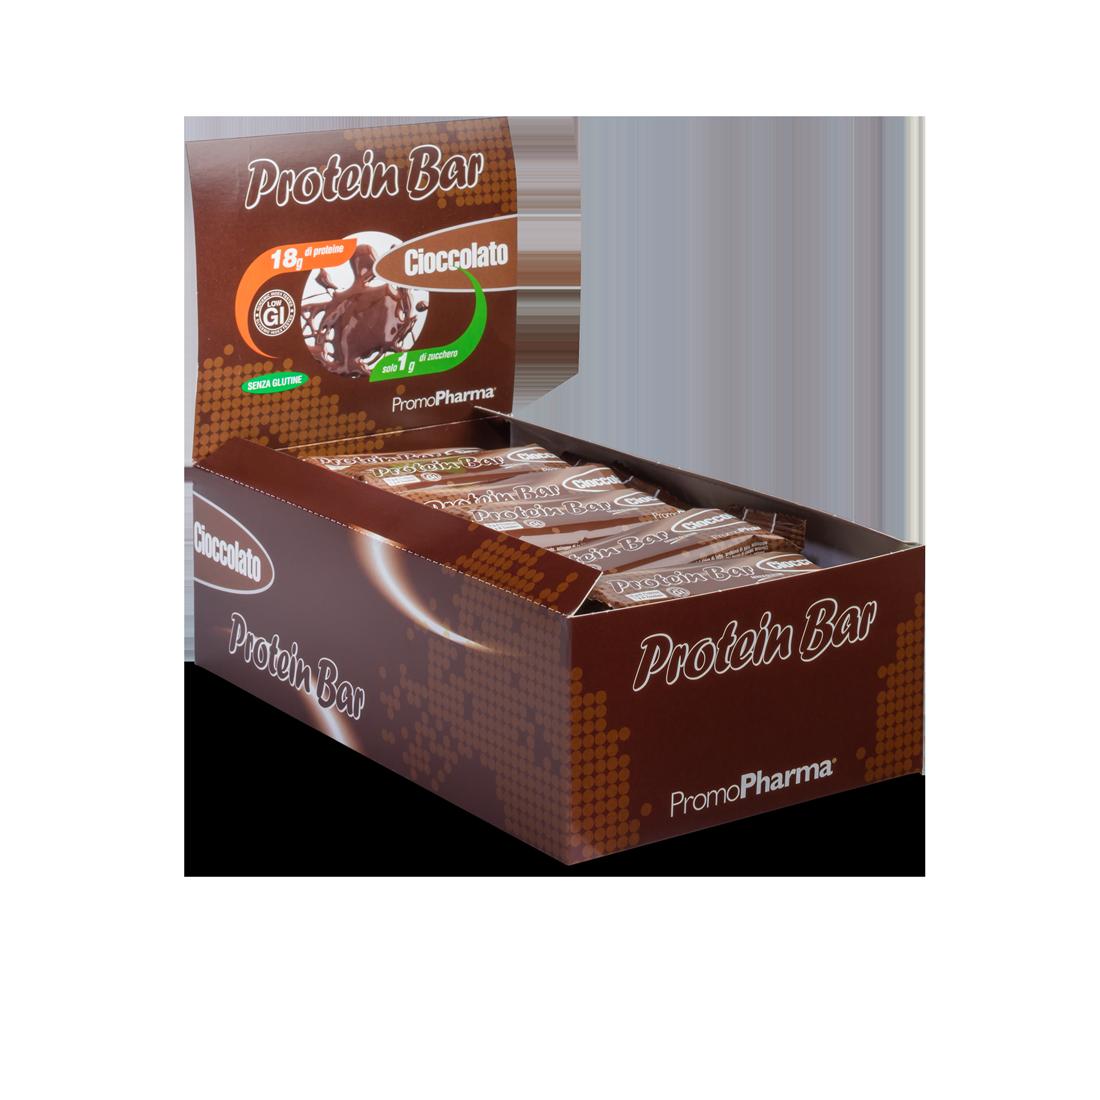 Protein Bar Cioccolato box 24 pz